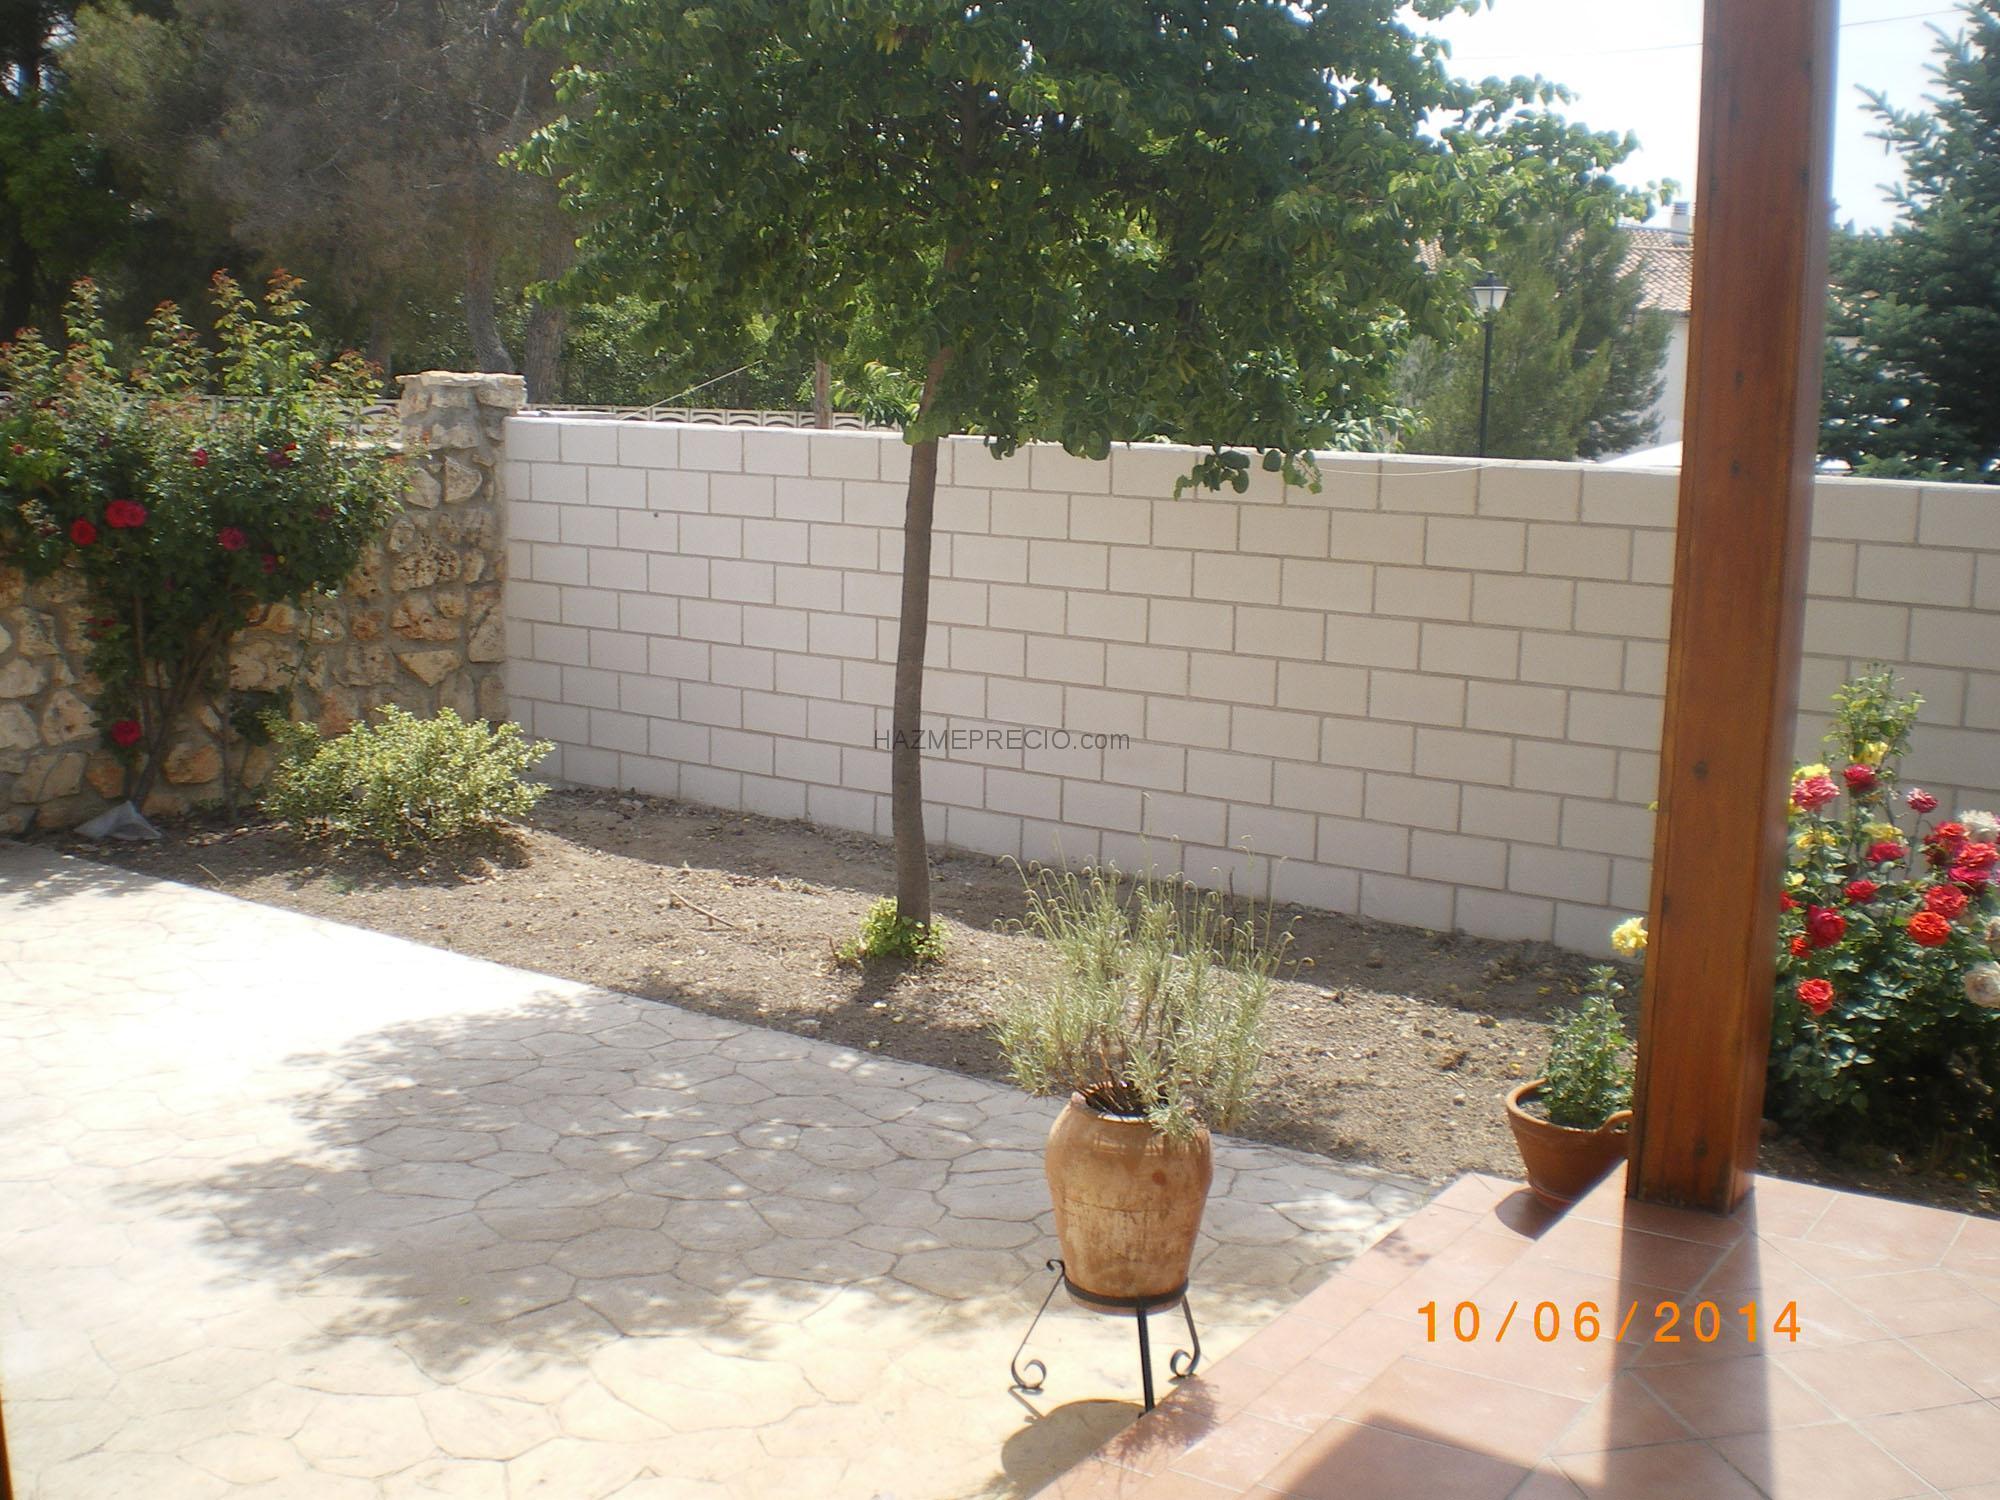 Presupuesto para cerrar una parcela con valla de simple - Muro de bloques ...